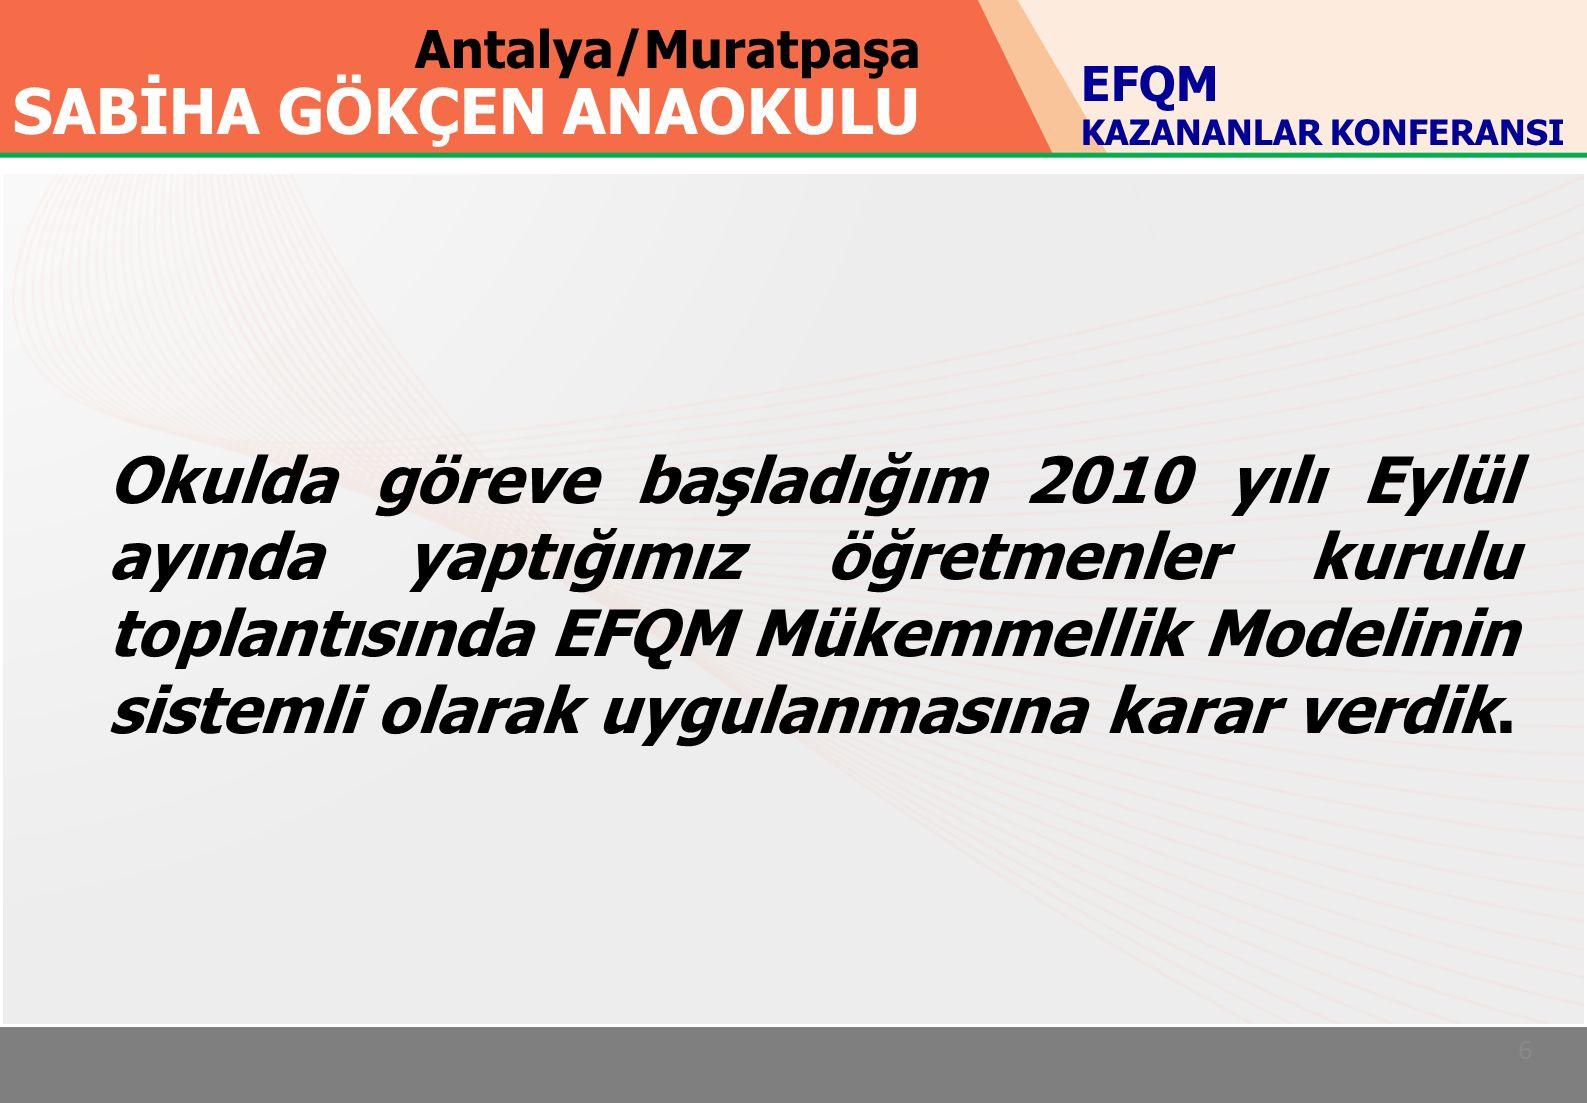 Antalya/Muratpaşa SABİHA GÖKÇEN ANAOKULU 6 Okulda göreve başladığım 2010 yılı Eylül ayında yaptığımız öğretmenler kurulu toplantısında EFQM Mükemmellik Modelinin sistemli olarak uygulanmasına karar verdik.